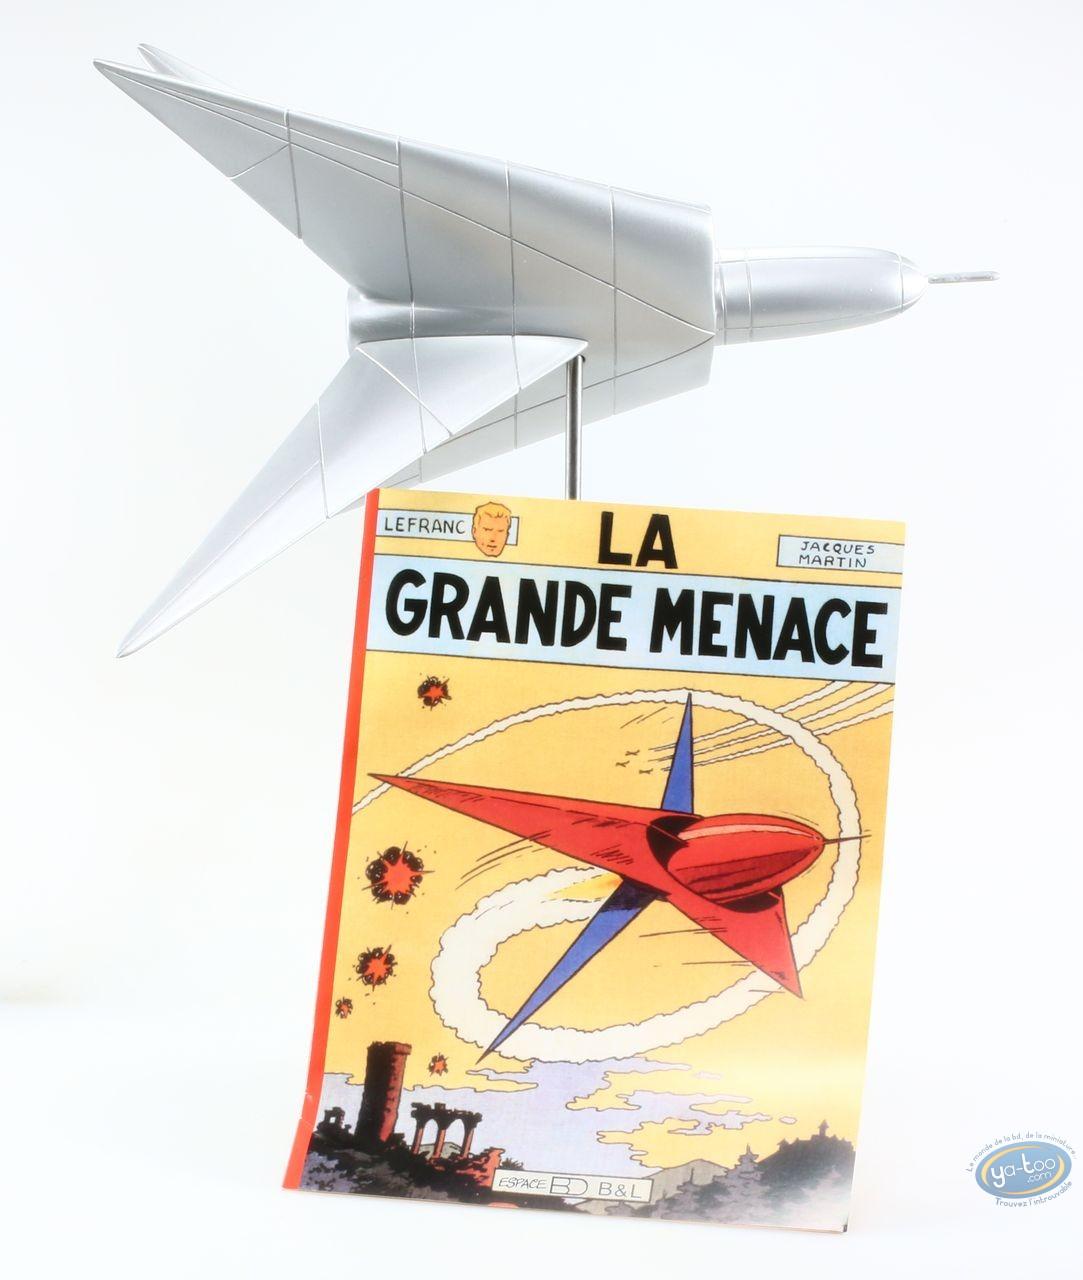 Statuette résine, Lefranc : La Grande Menace (monochrome)